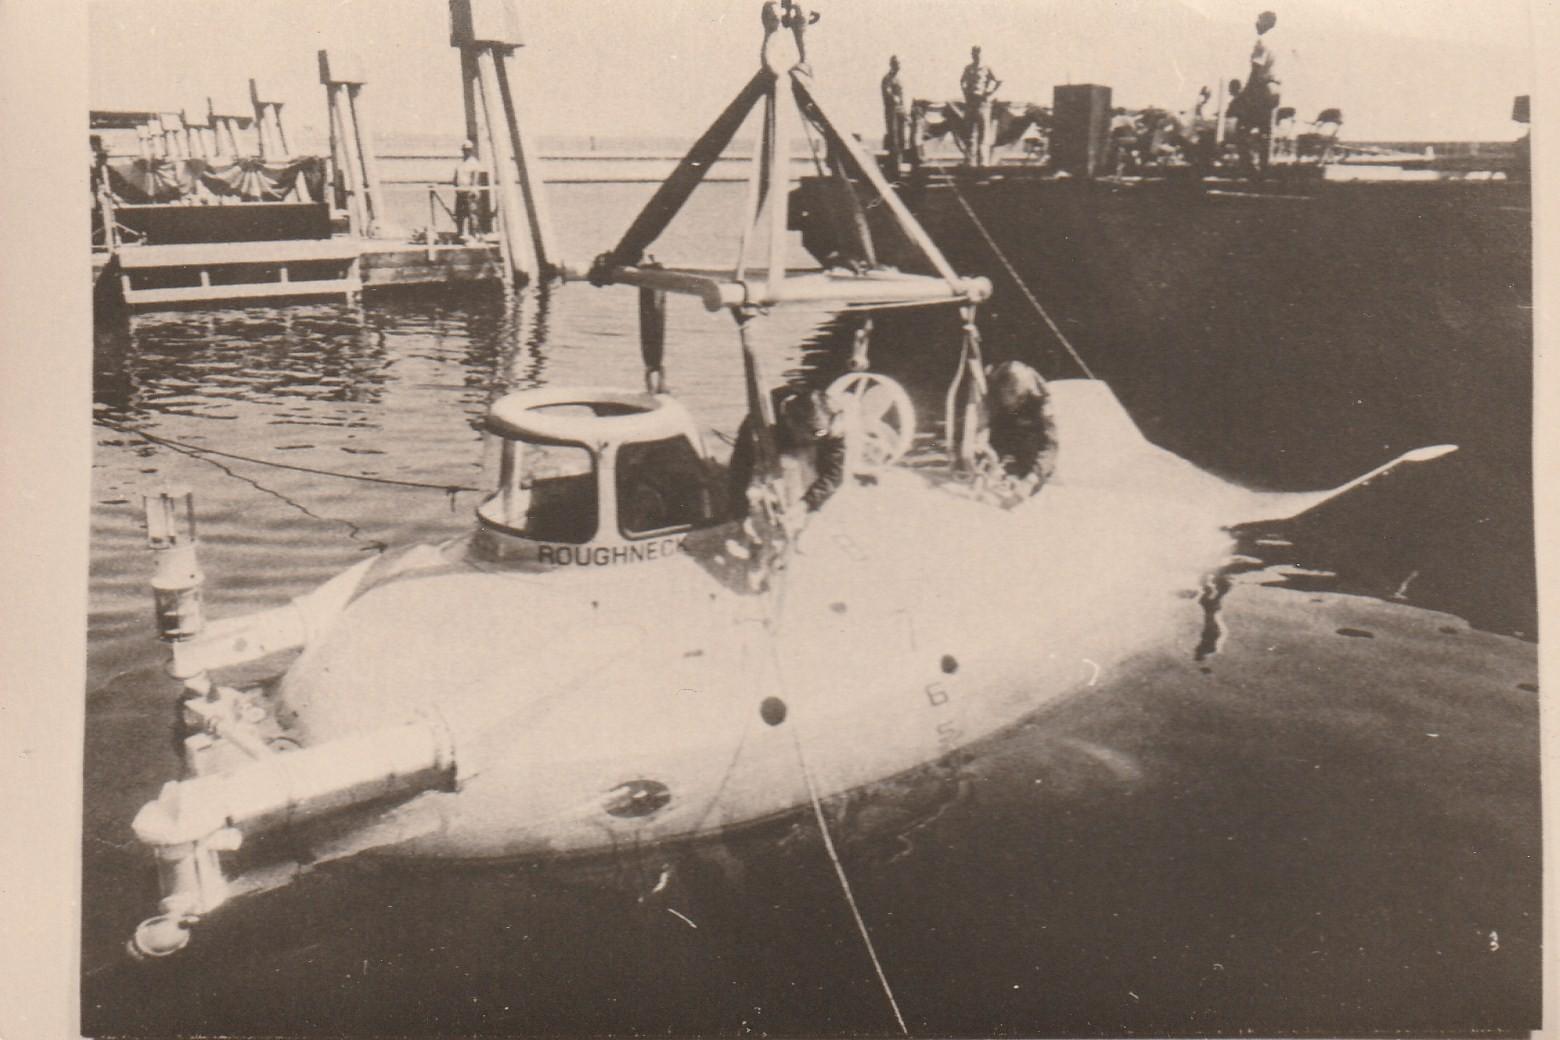 """Rare PHOTOGRAPHIE Bathyscaphe sous-marin le Beauer IV version """" ROUGHMECK """""""